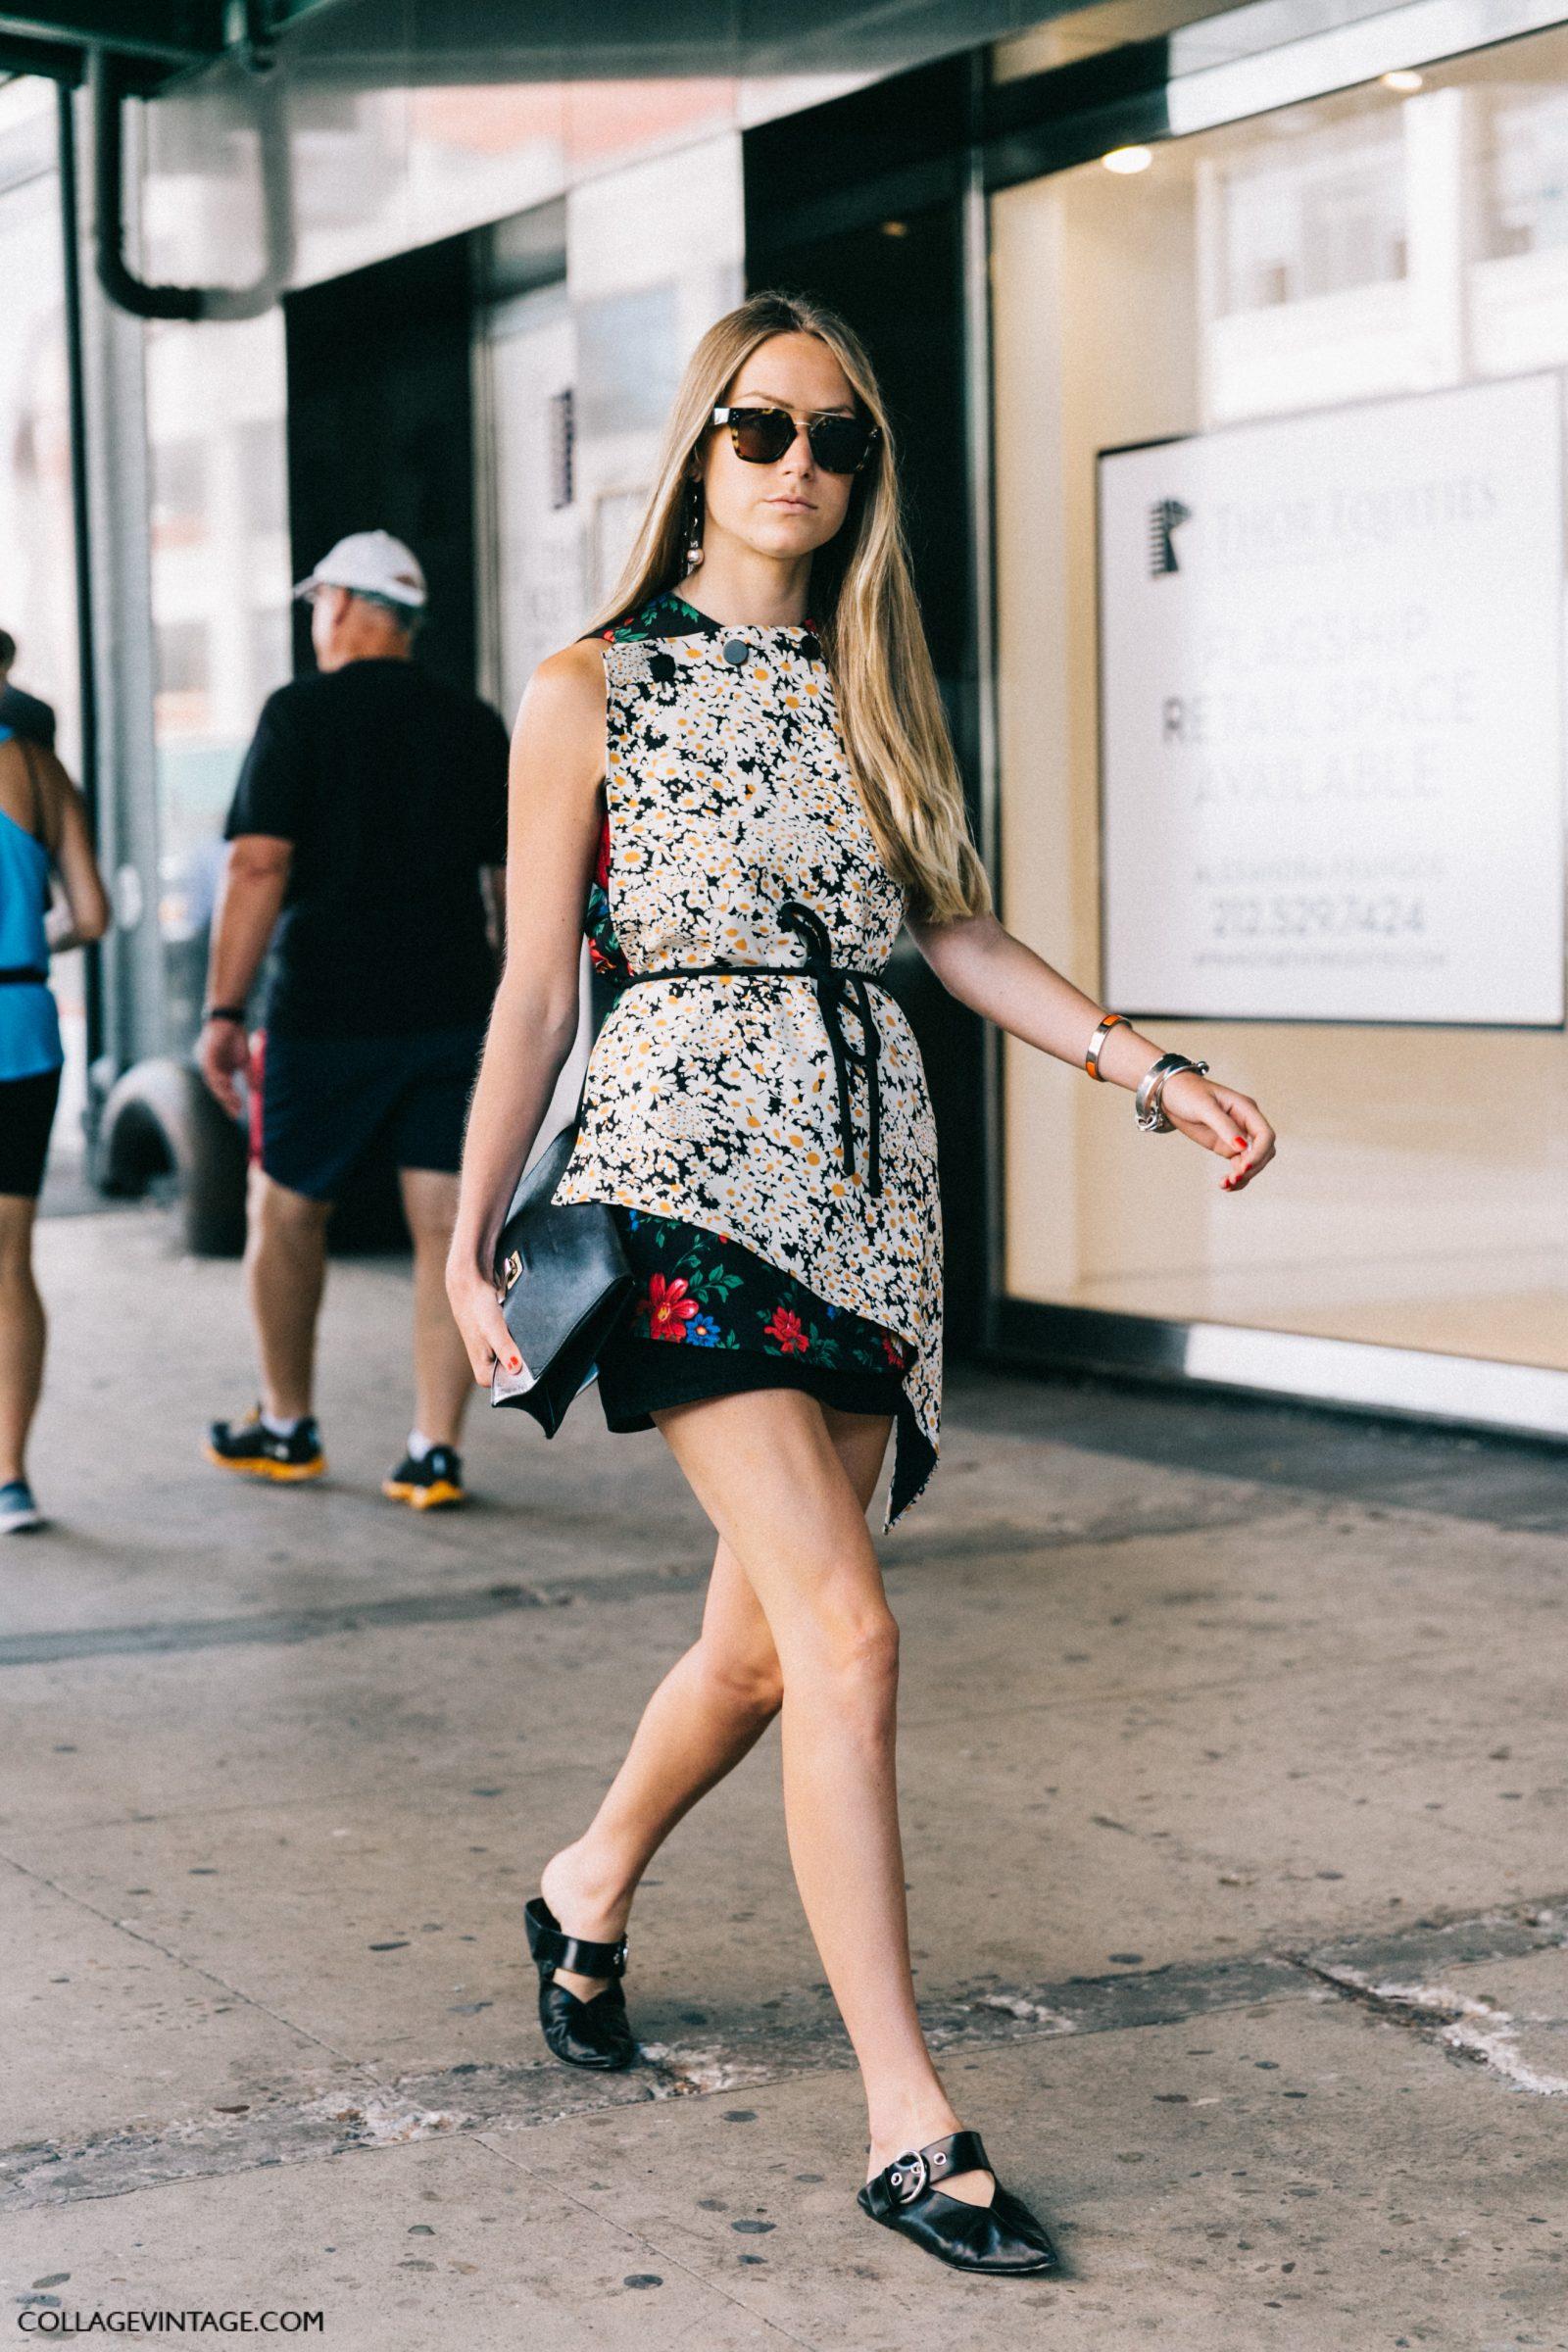 Модное короткое платье с цветочным принтом - мода 2017